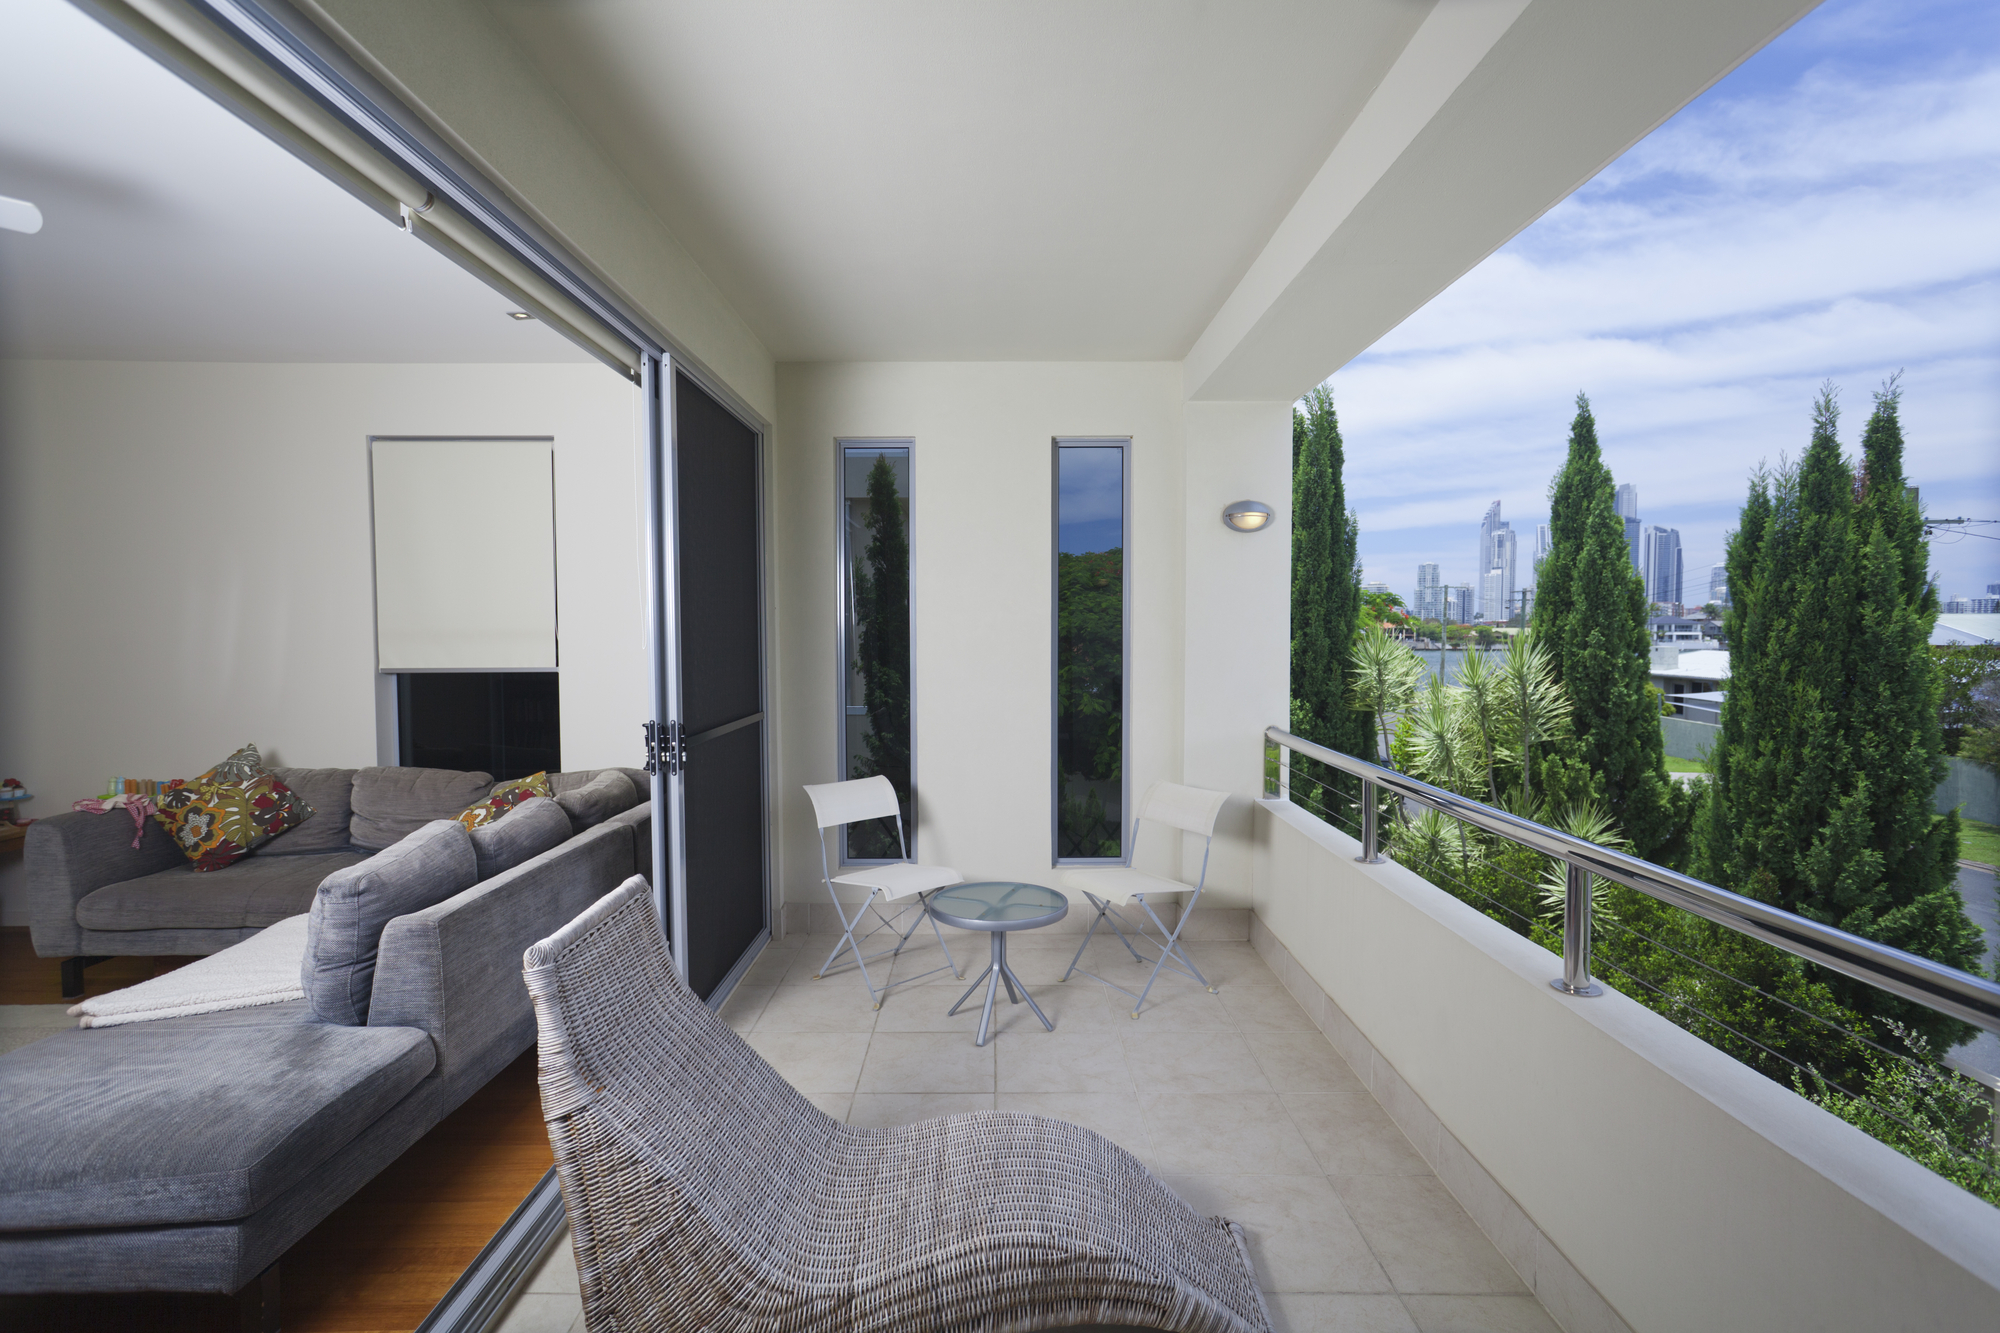 Ako zabezpečiť balkón pomocou vonkajšej wifi kamery?